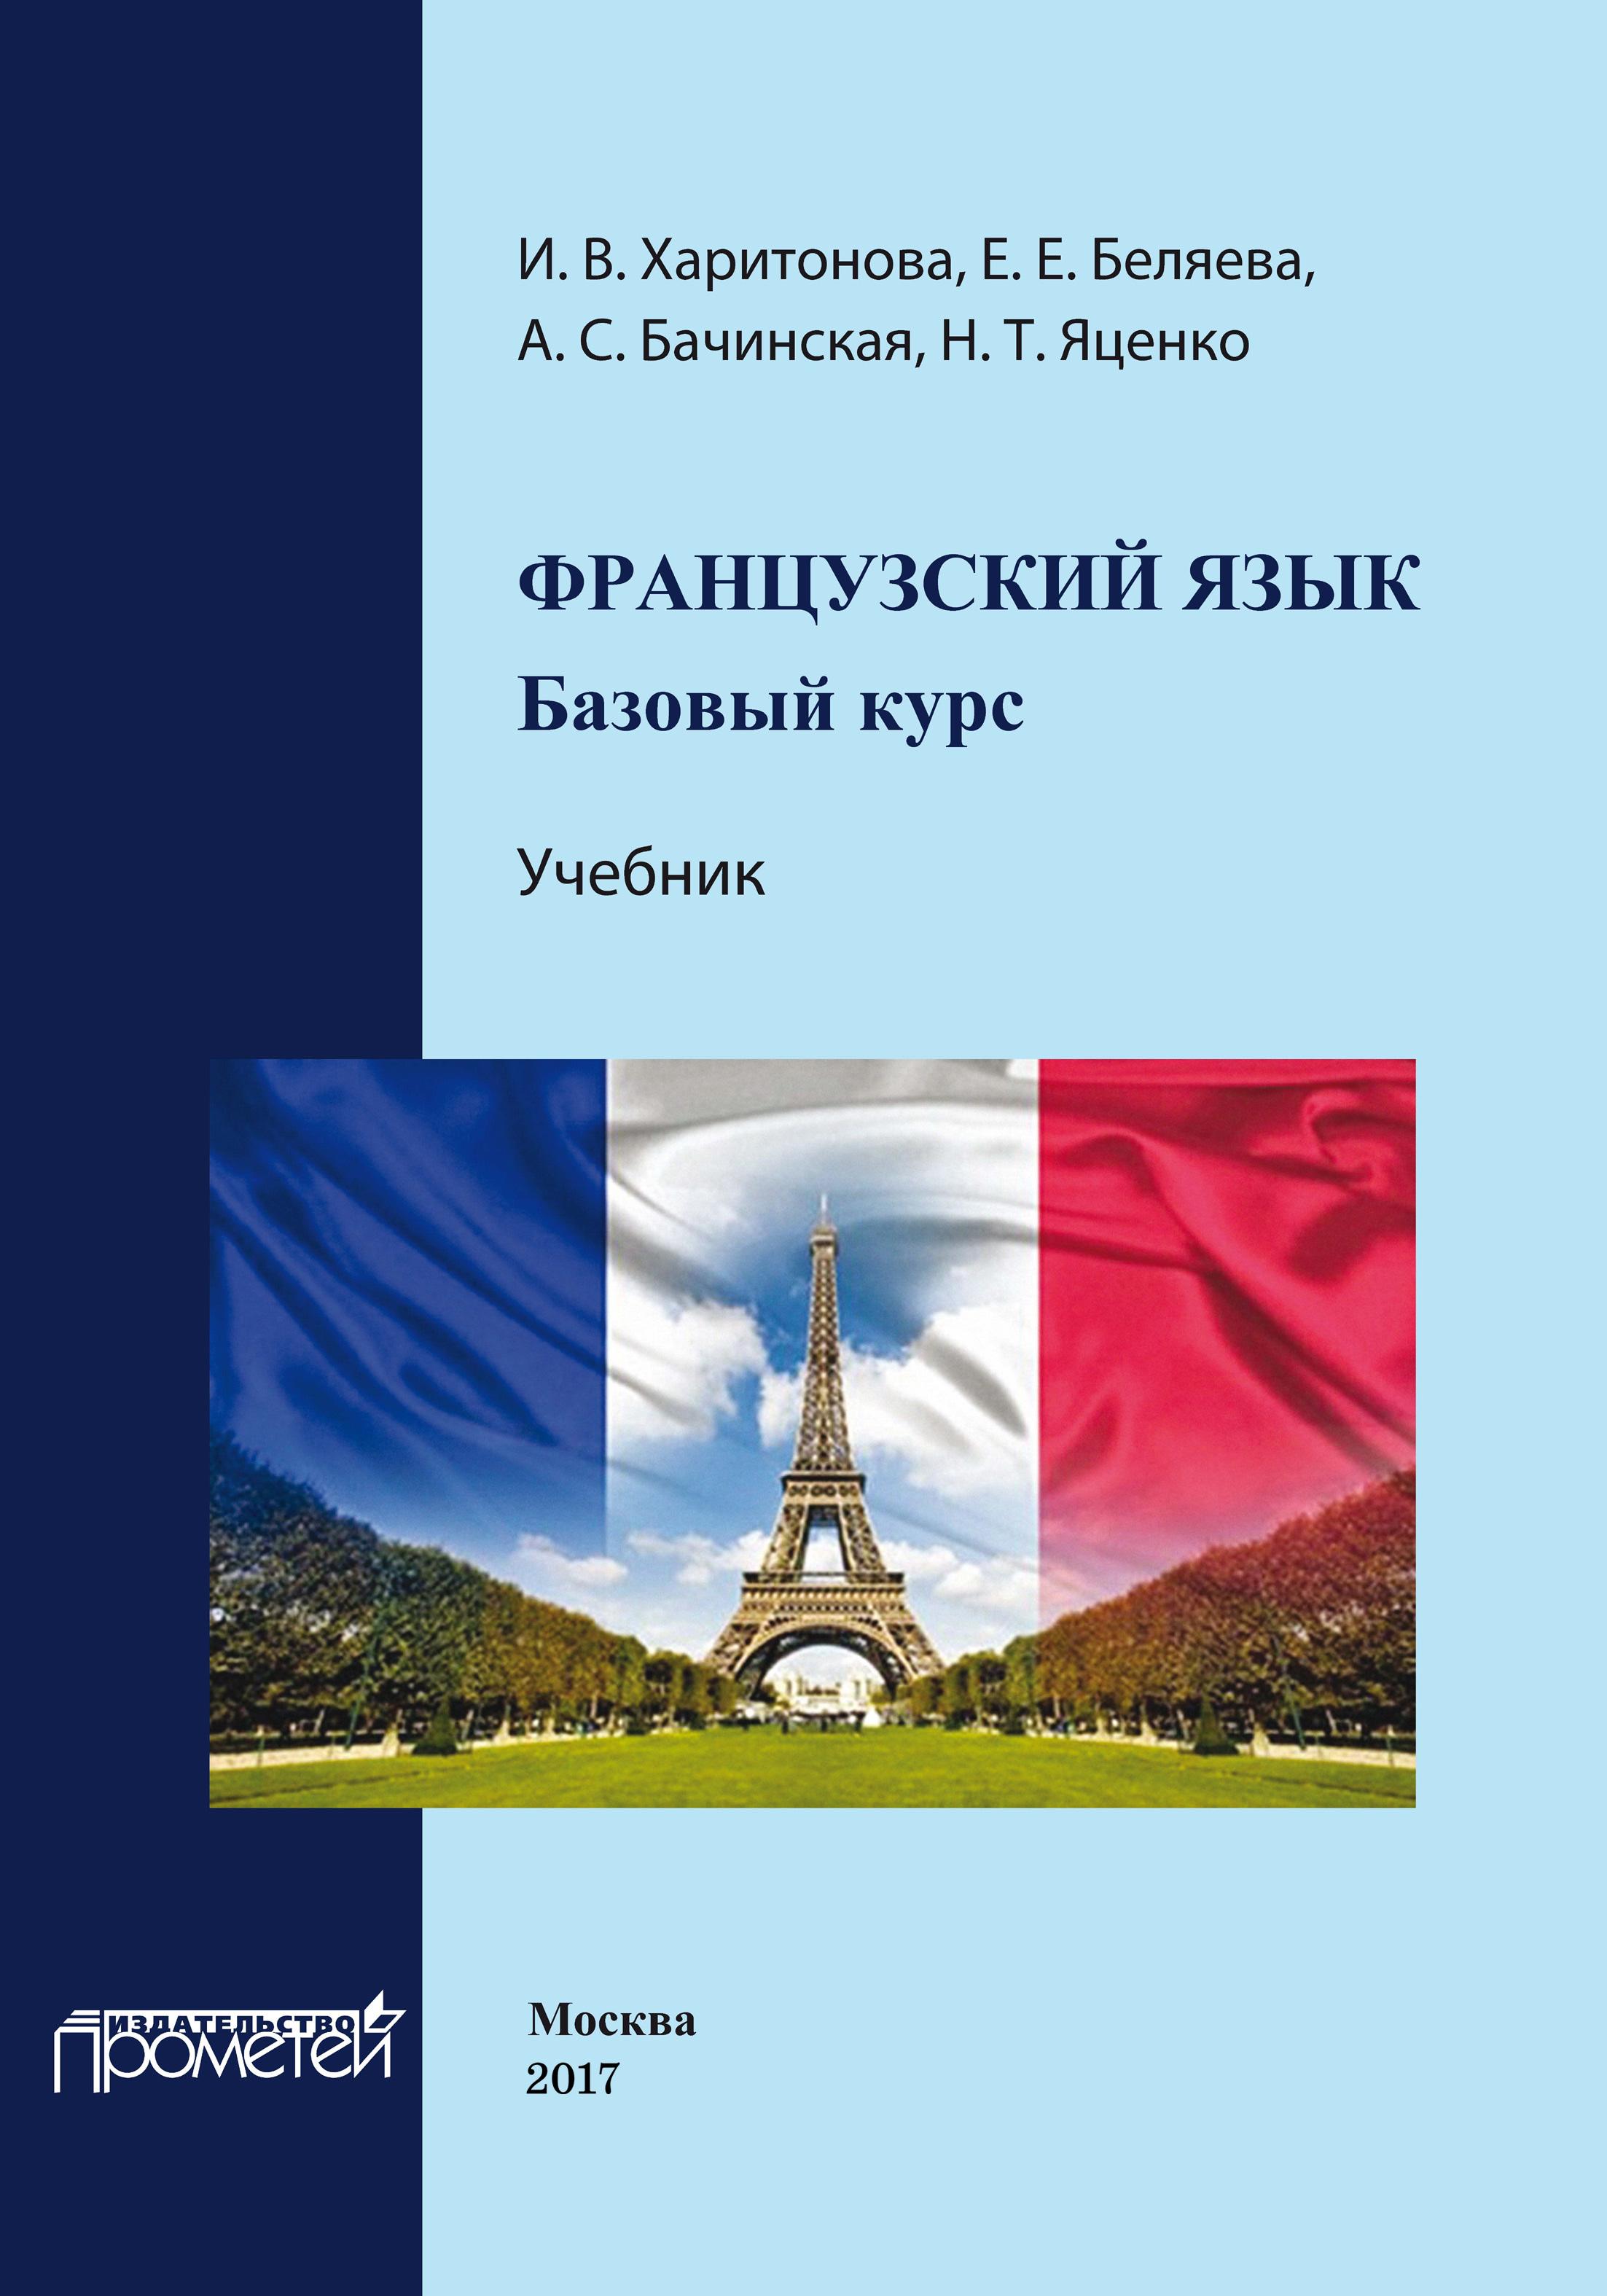 И. В. Харитонова Французский язык: базовый курс. Учебник в с князькова словацкий язык базовый курс slovencina